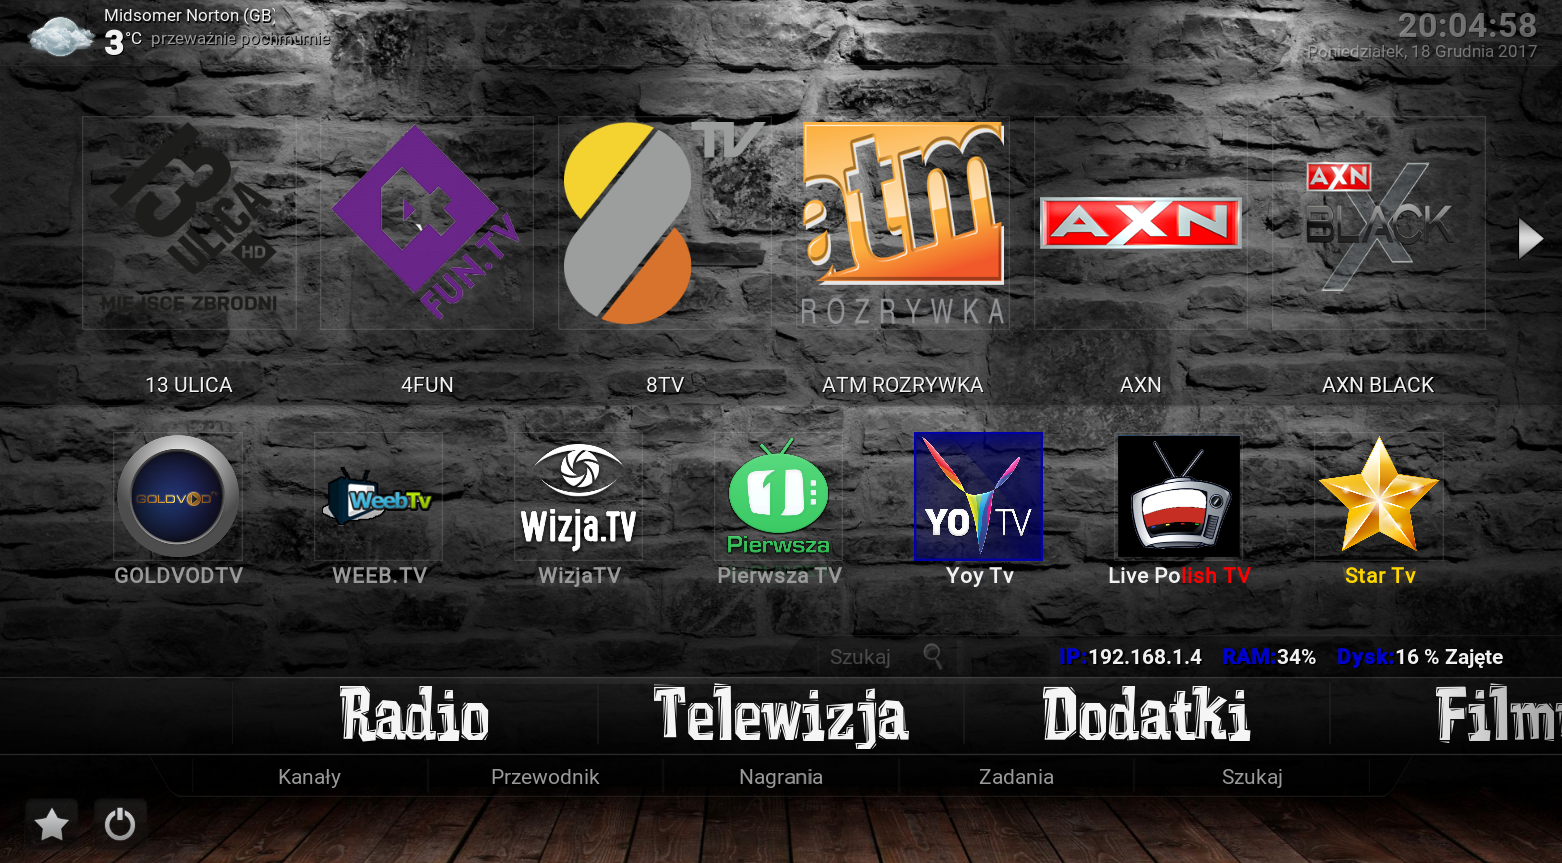 Kodi 17.6 + Polska TV / VOD [Ipla / GoldVod / IPTV / Sport / Tv / XXX / Muzyka / i wiele więcej]